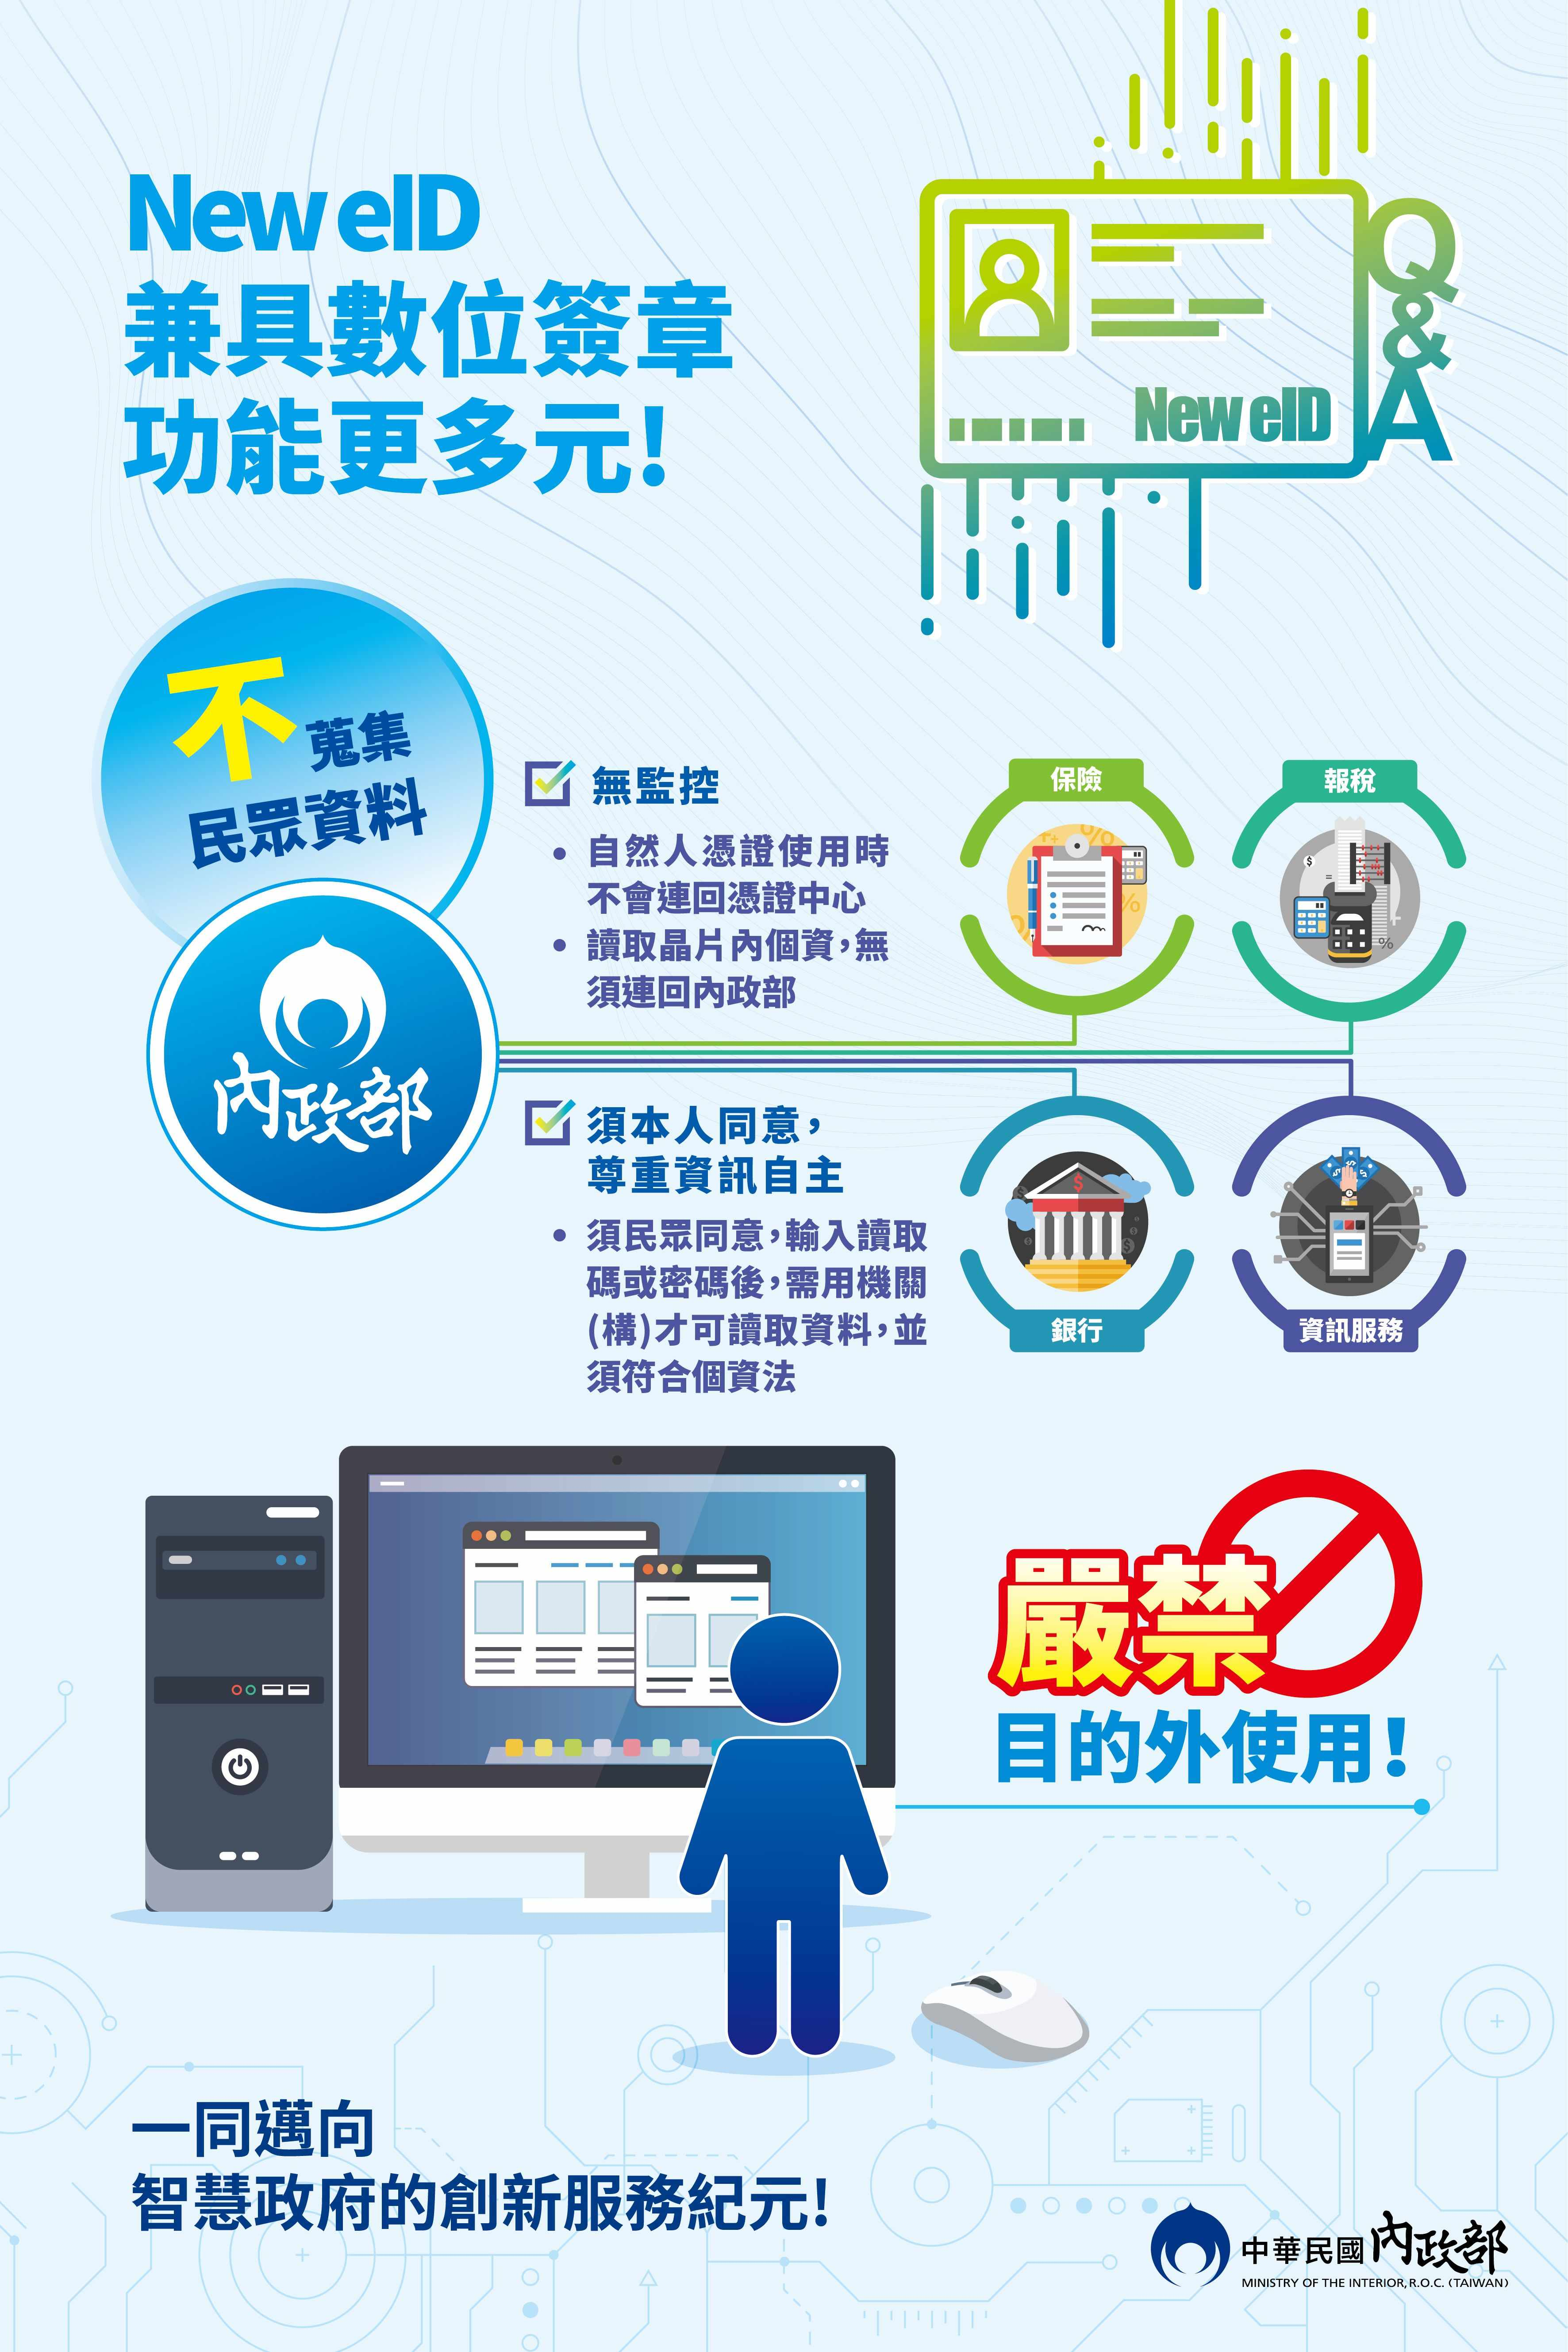 數位身分證(New eID)數位簽章功能介紹_1